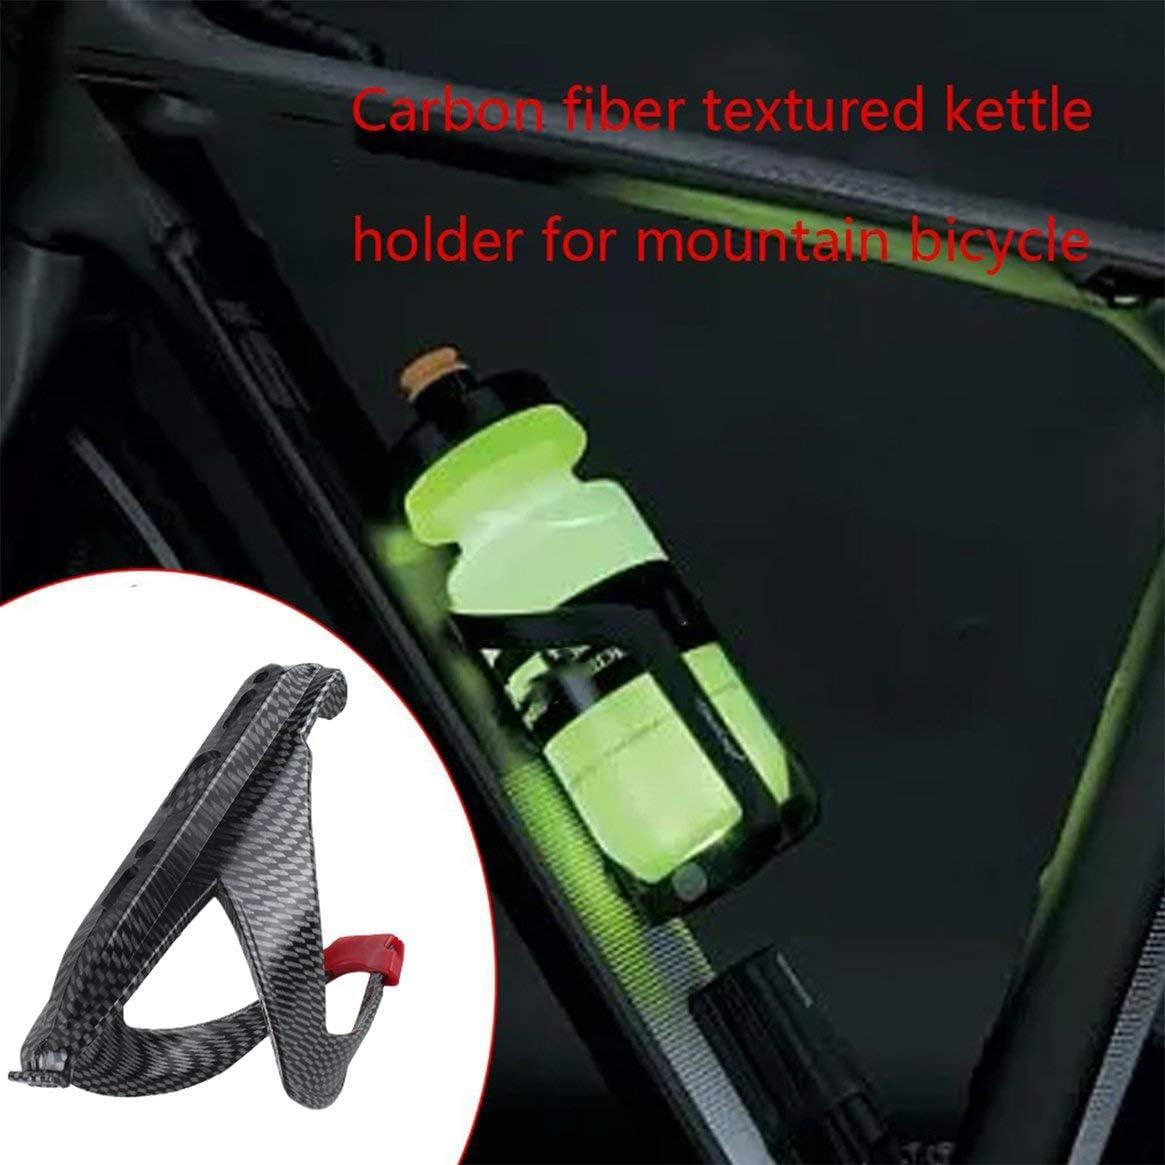 Kongqiabona-UK Portaborraccia Multifunzione Mountain Bike Portaborraccia in Fibra di Carbonio con Struttura in Fibra di Carbonio Portaborraccia in plastica